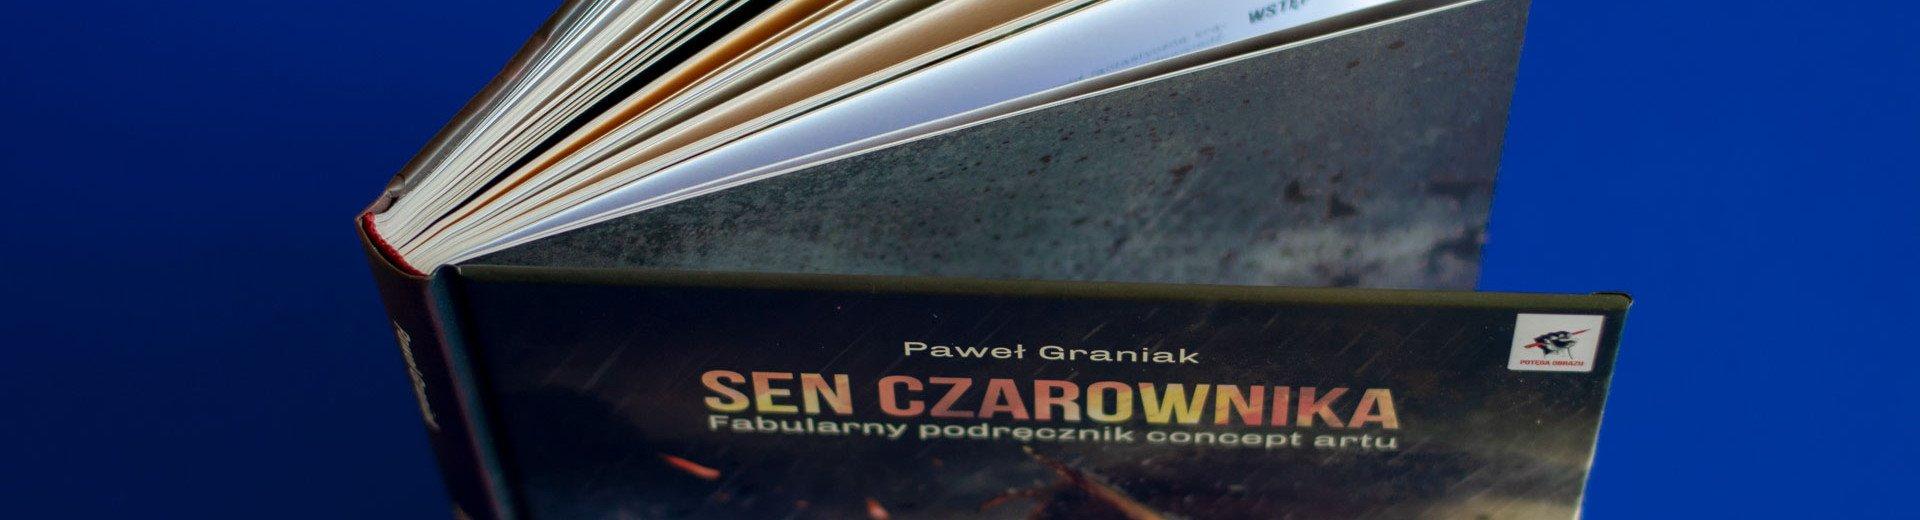 Okładka artykułu Sen Czarownika. Fabularny podręcznik concept artu — Recenzja książki Pawła Graniaka